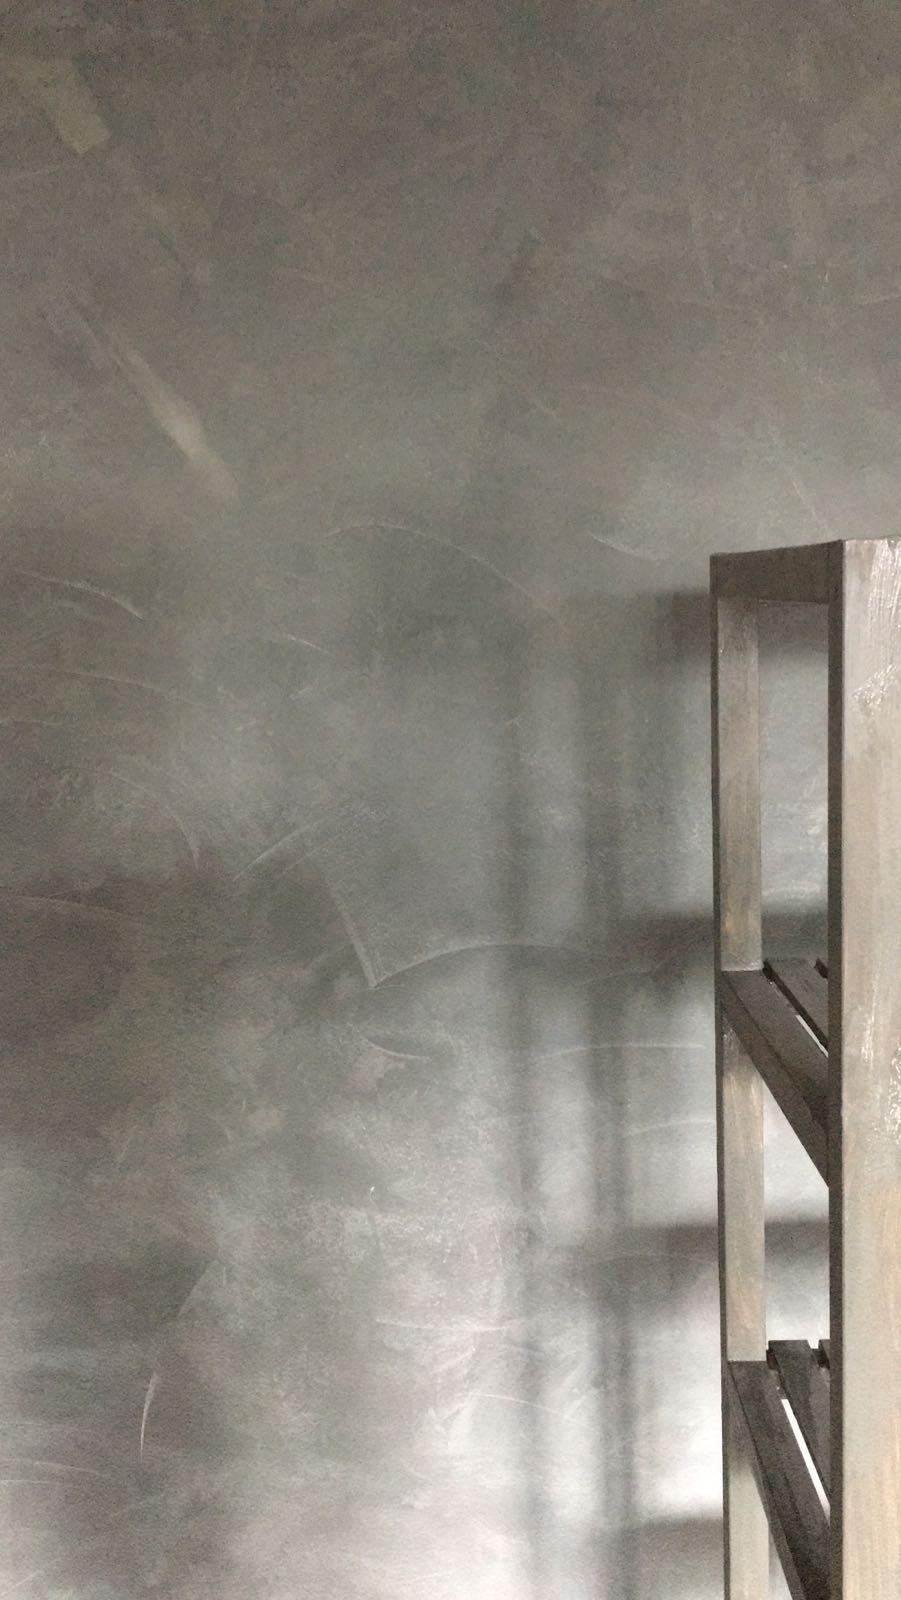 Tussenresultaat voor grijs, blauwe betonlook muur met betonlook effect